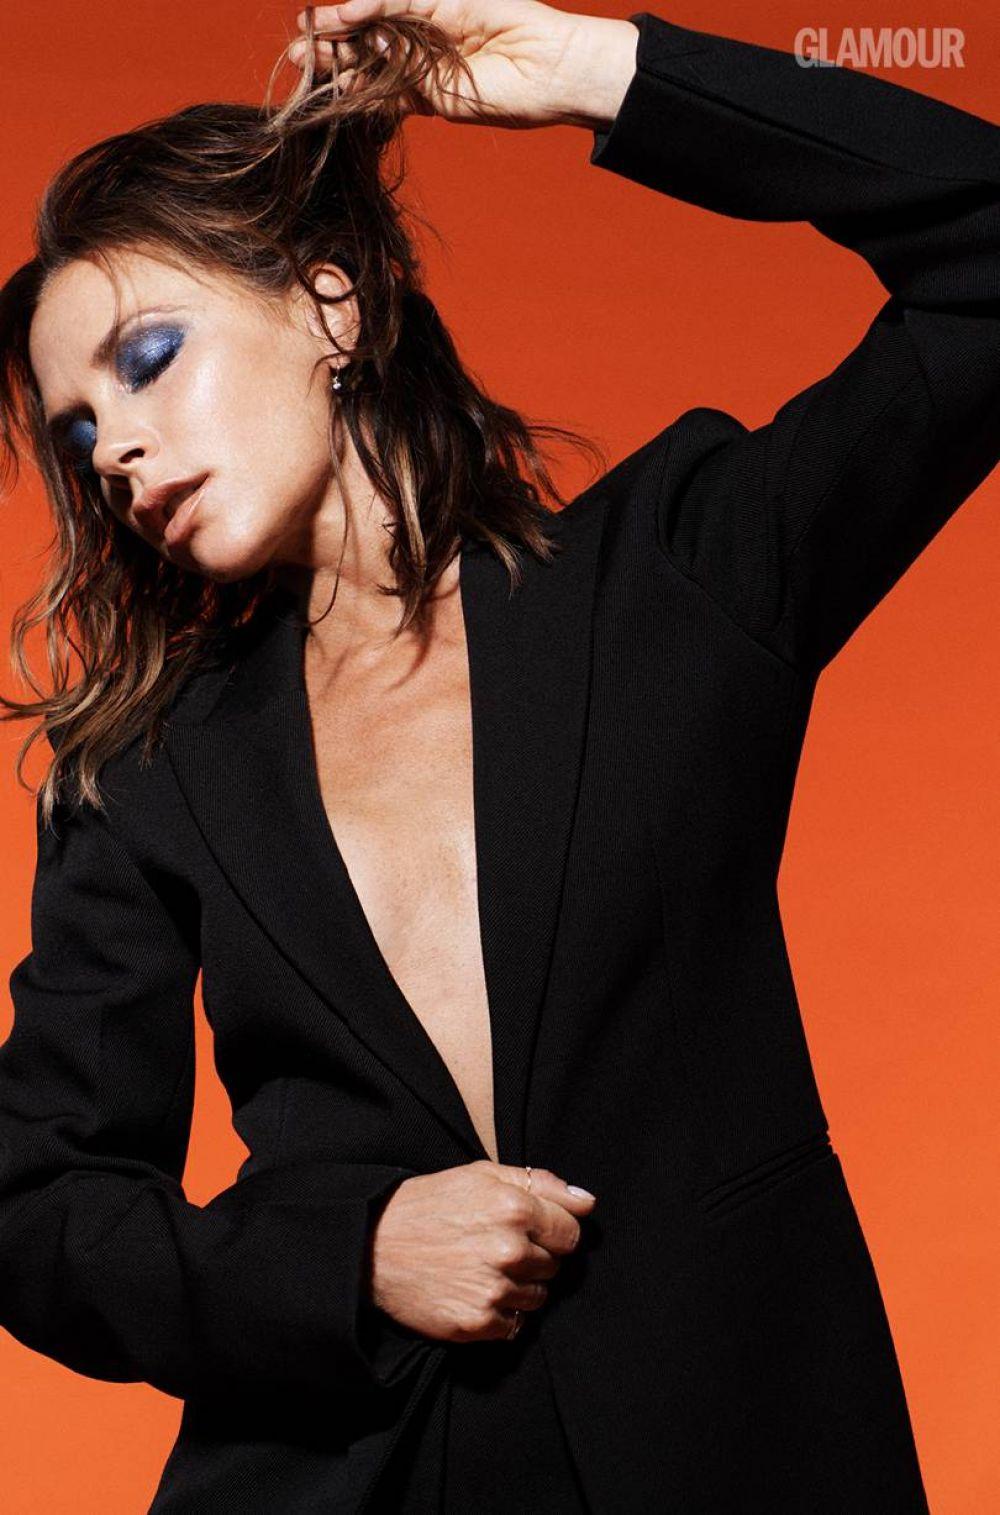 VICTORIA BECKHAM in Glamour Magazine, UK Autumn/Winter ...